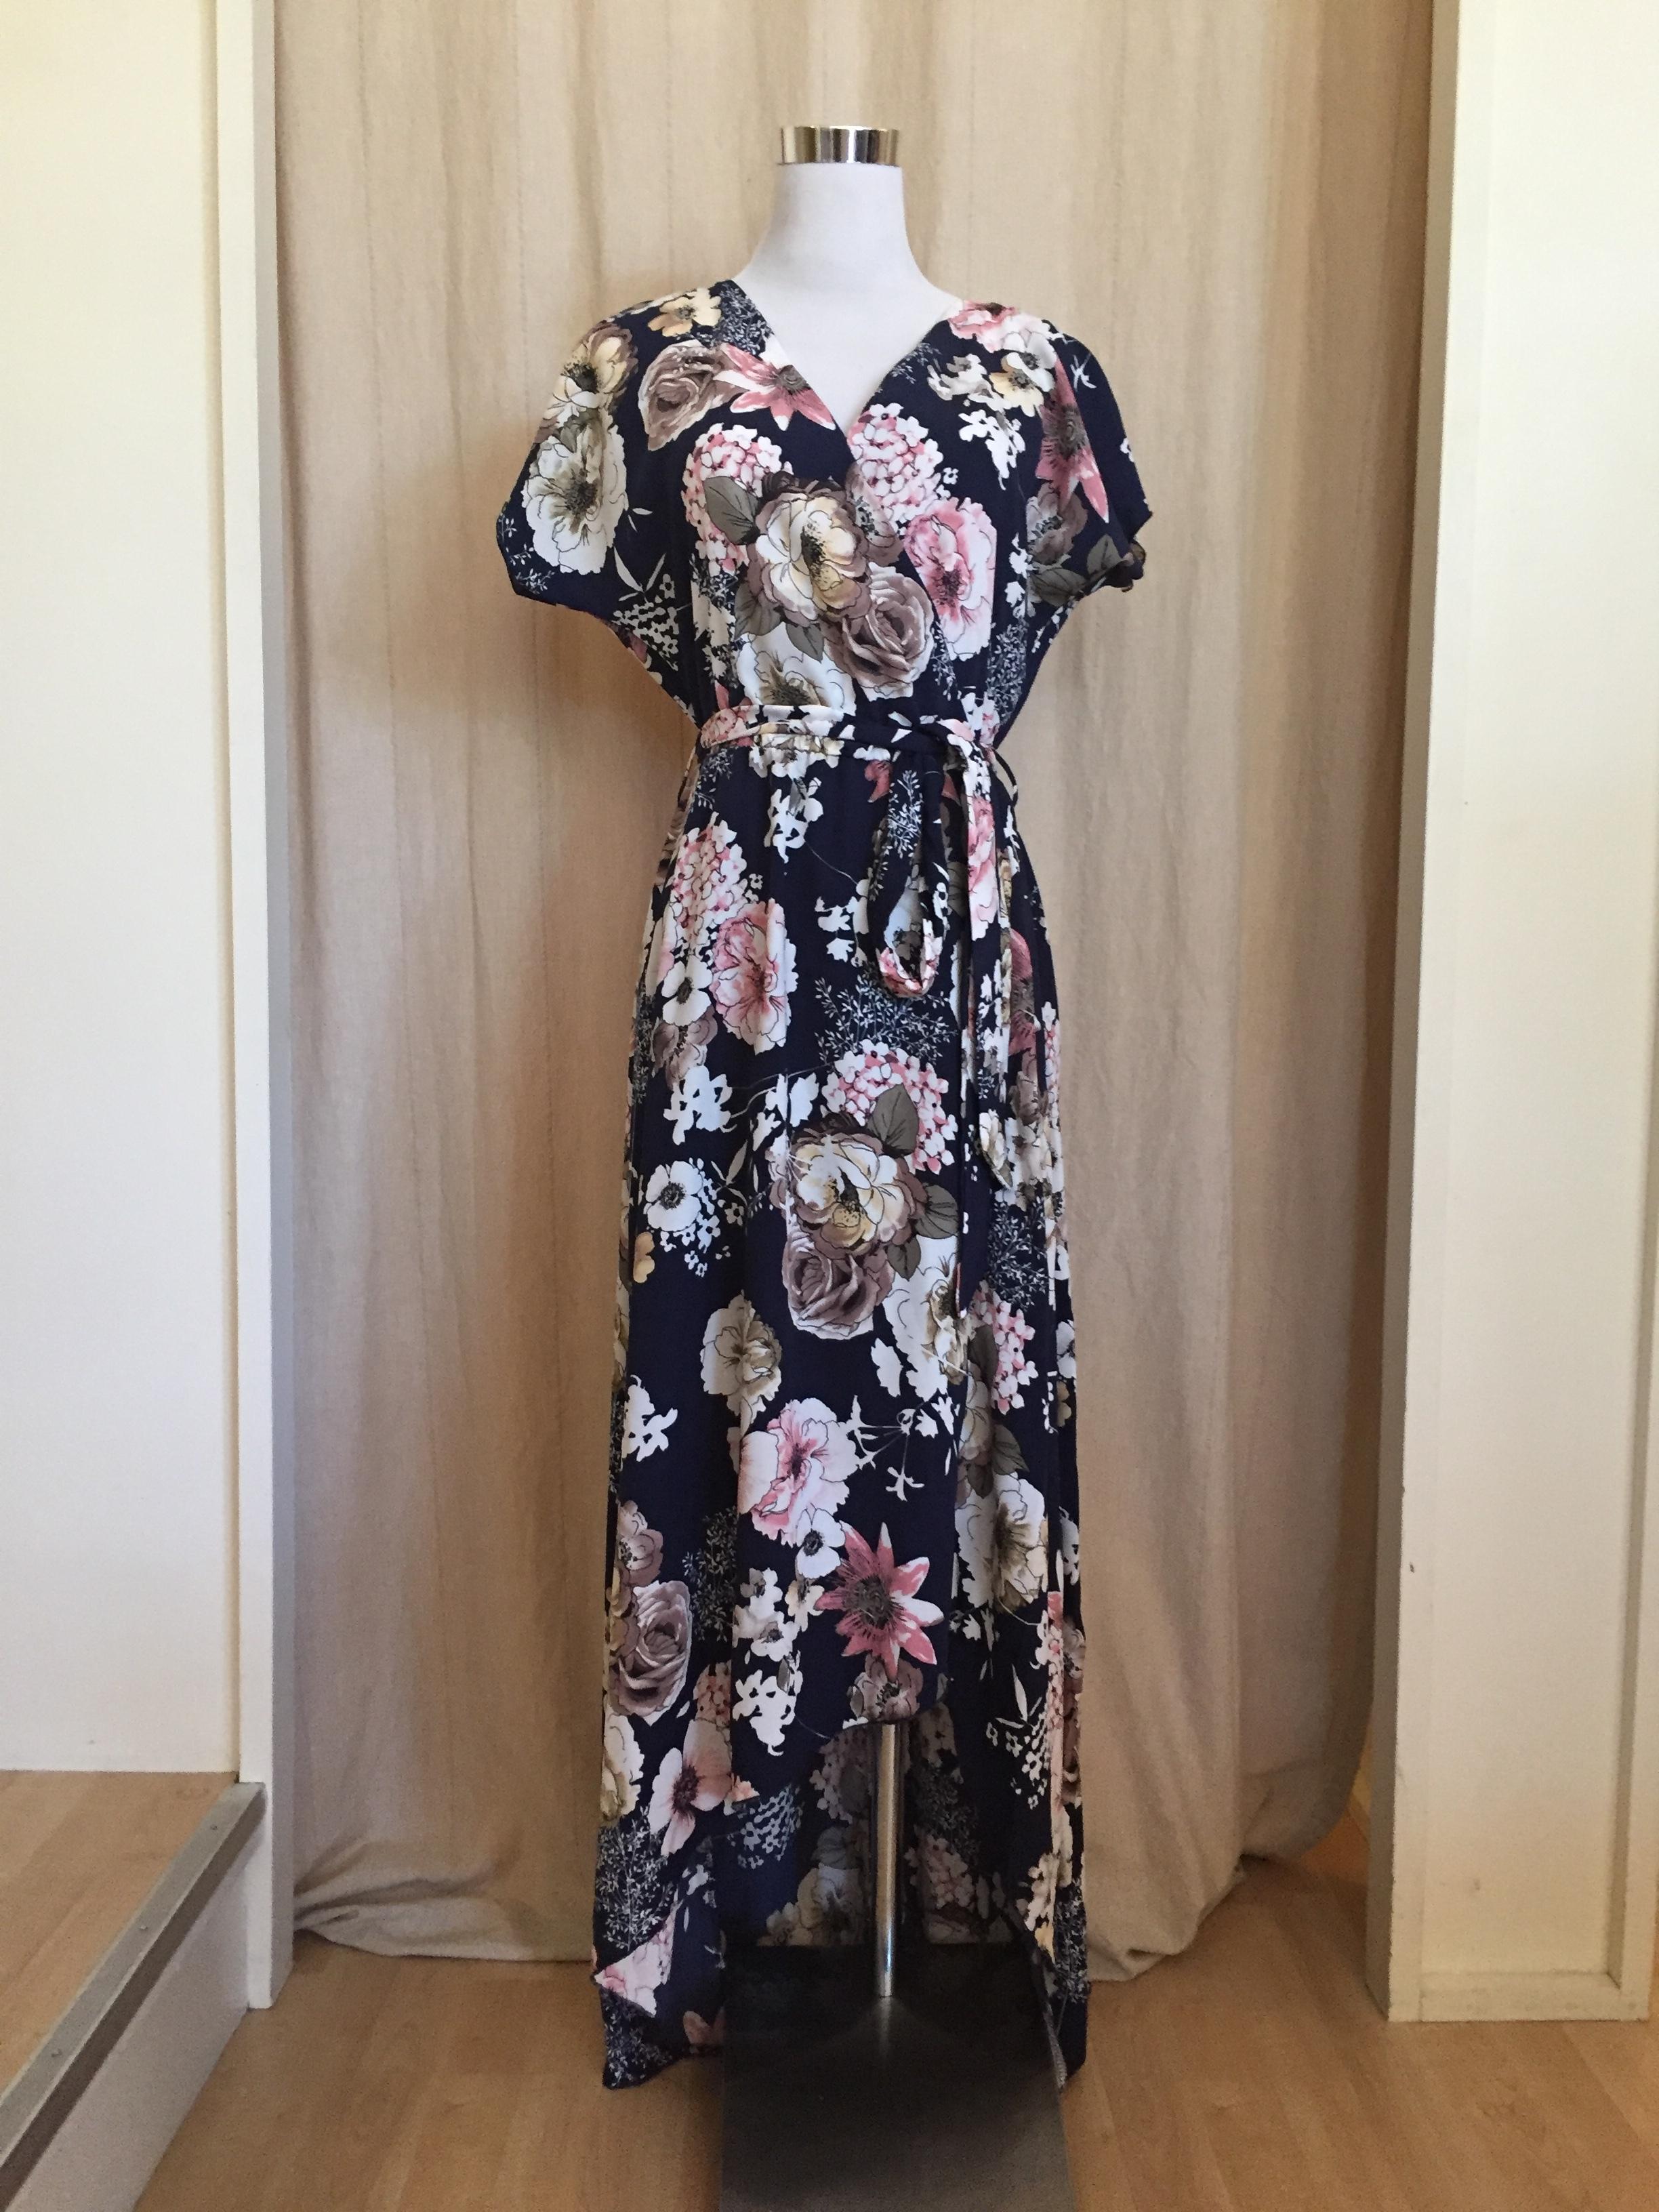 Elegant Hi-Low Dress, $64  (Has Pockets!)